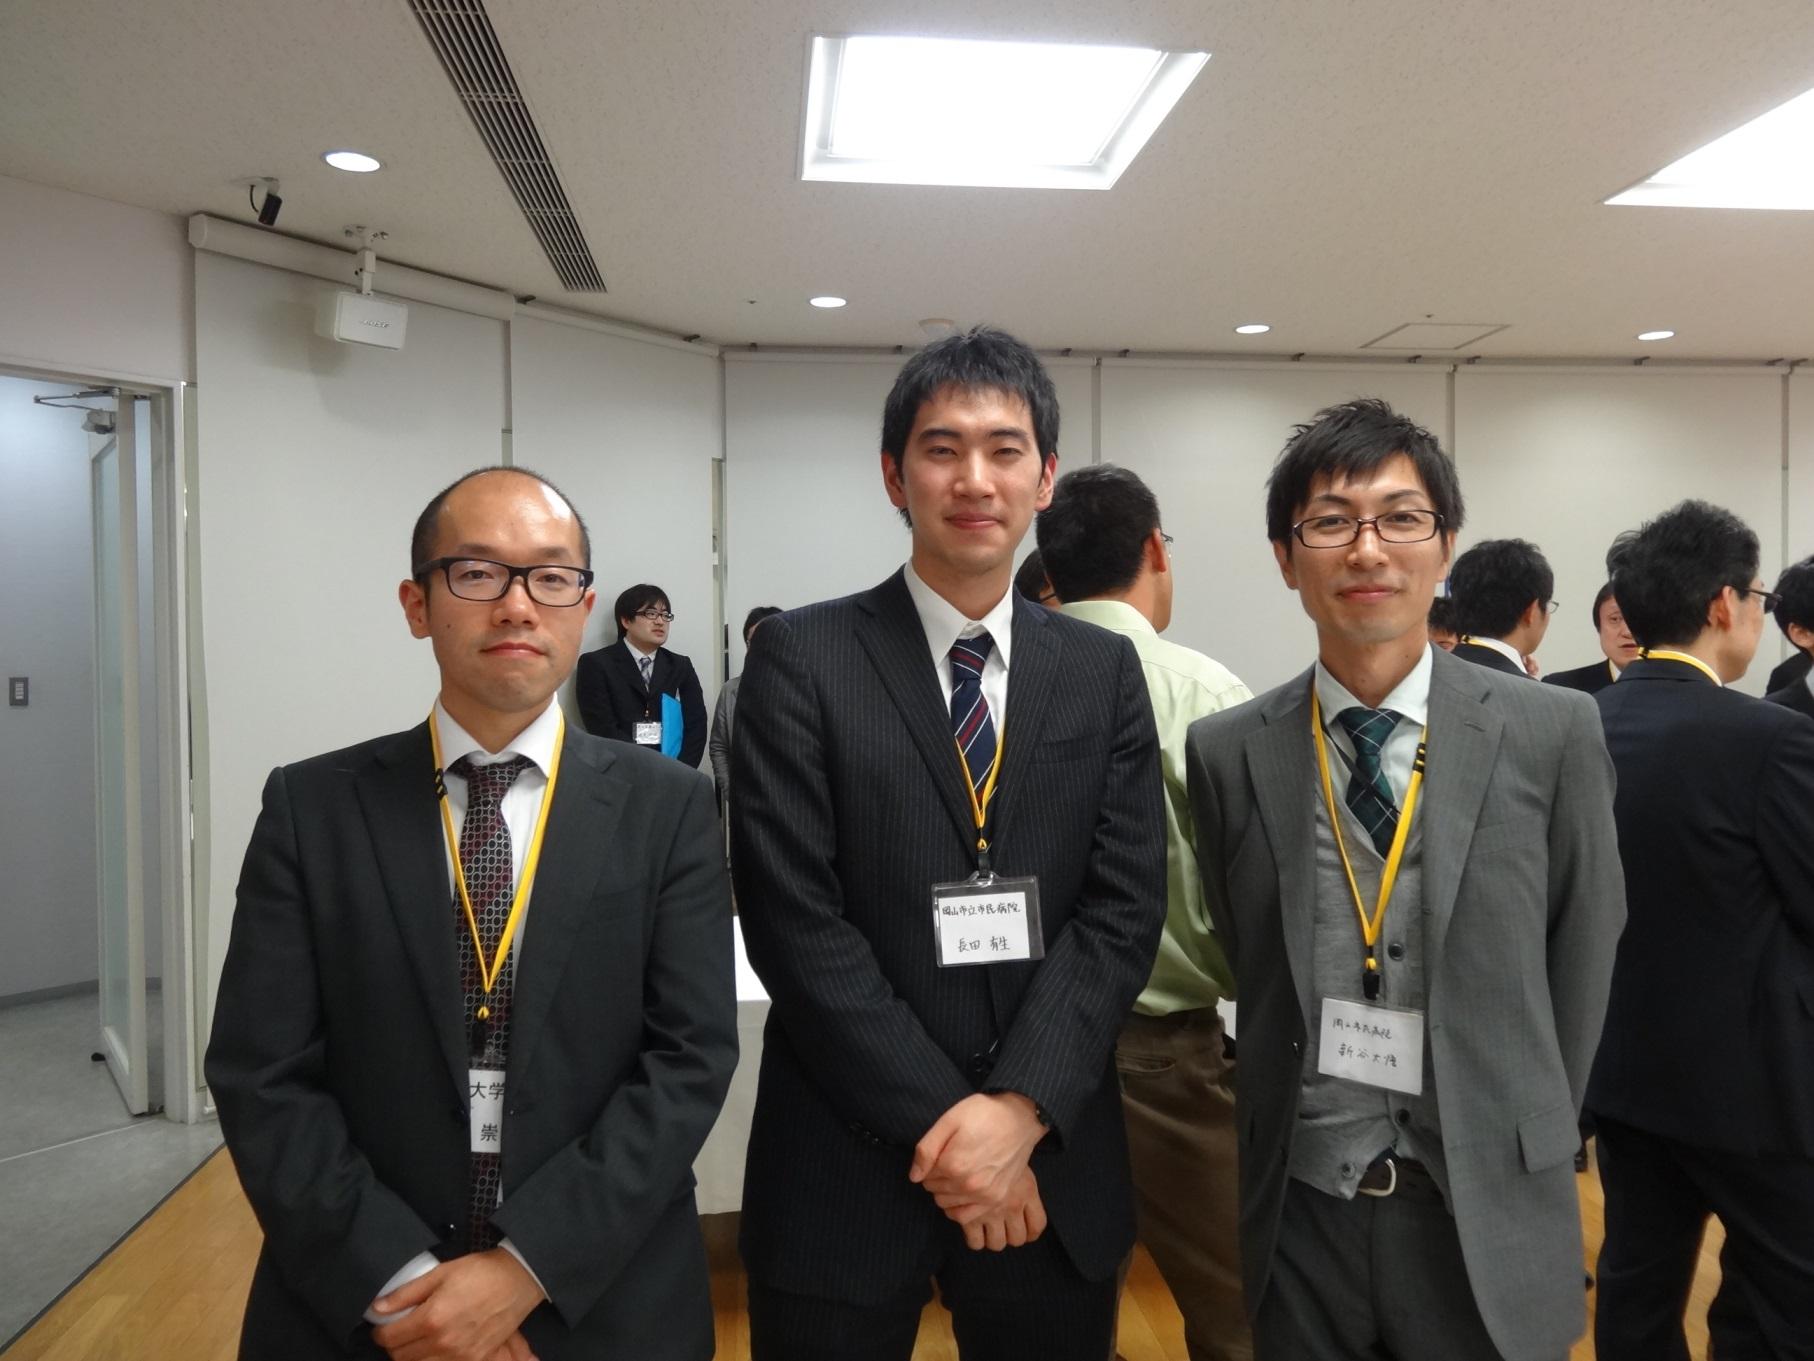 内科レジデントカンファレンス2015 in OKAYAMA (情報交換会4)